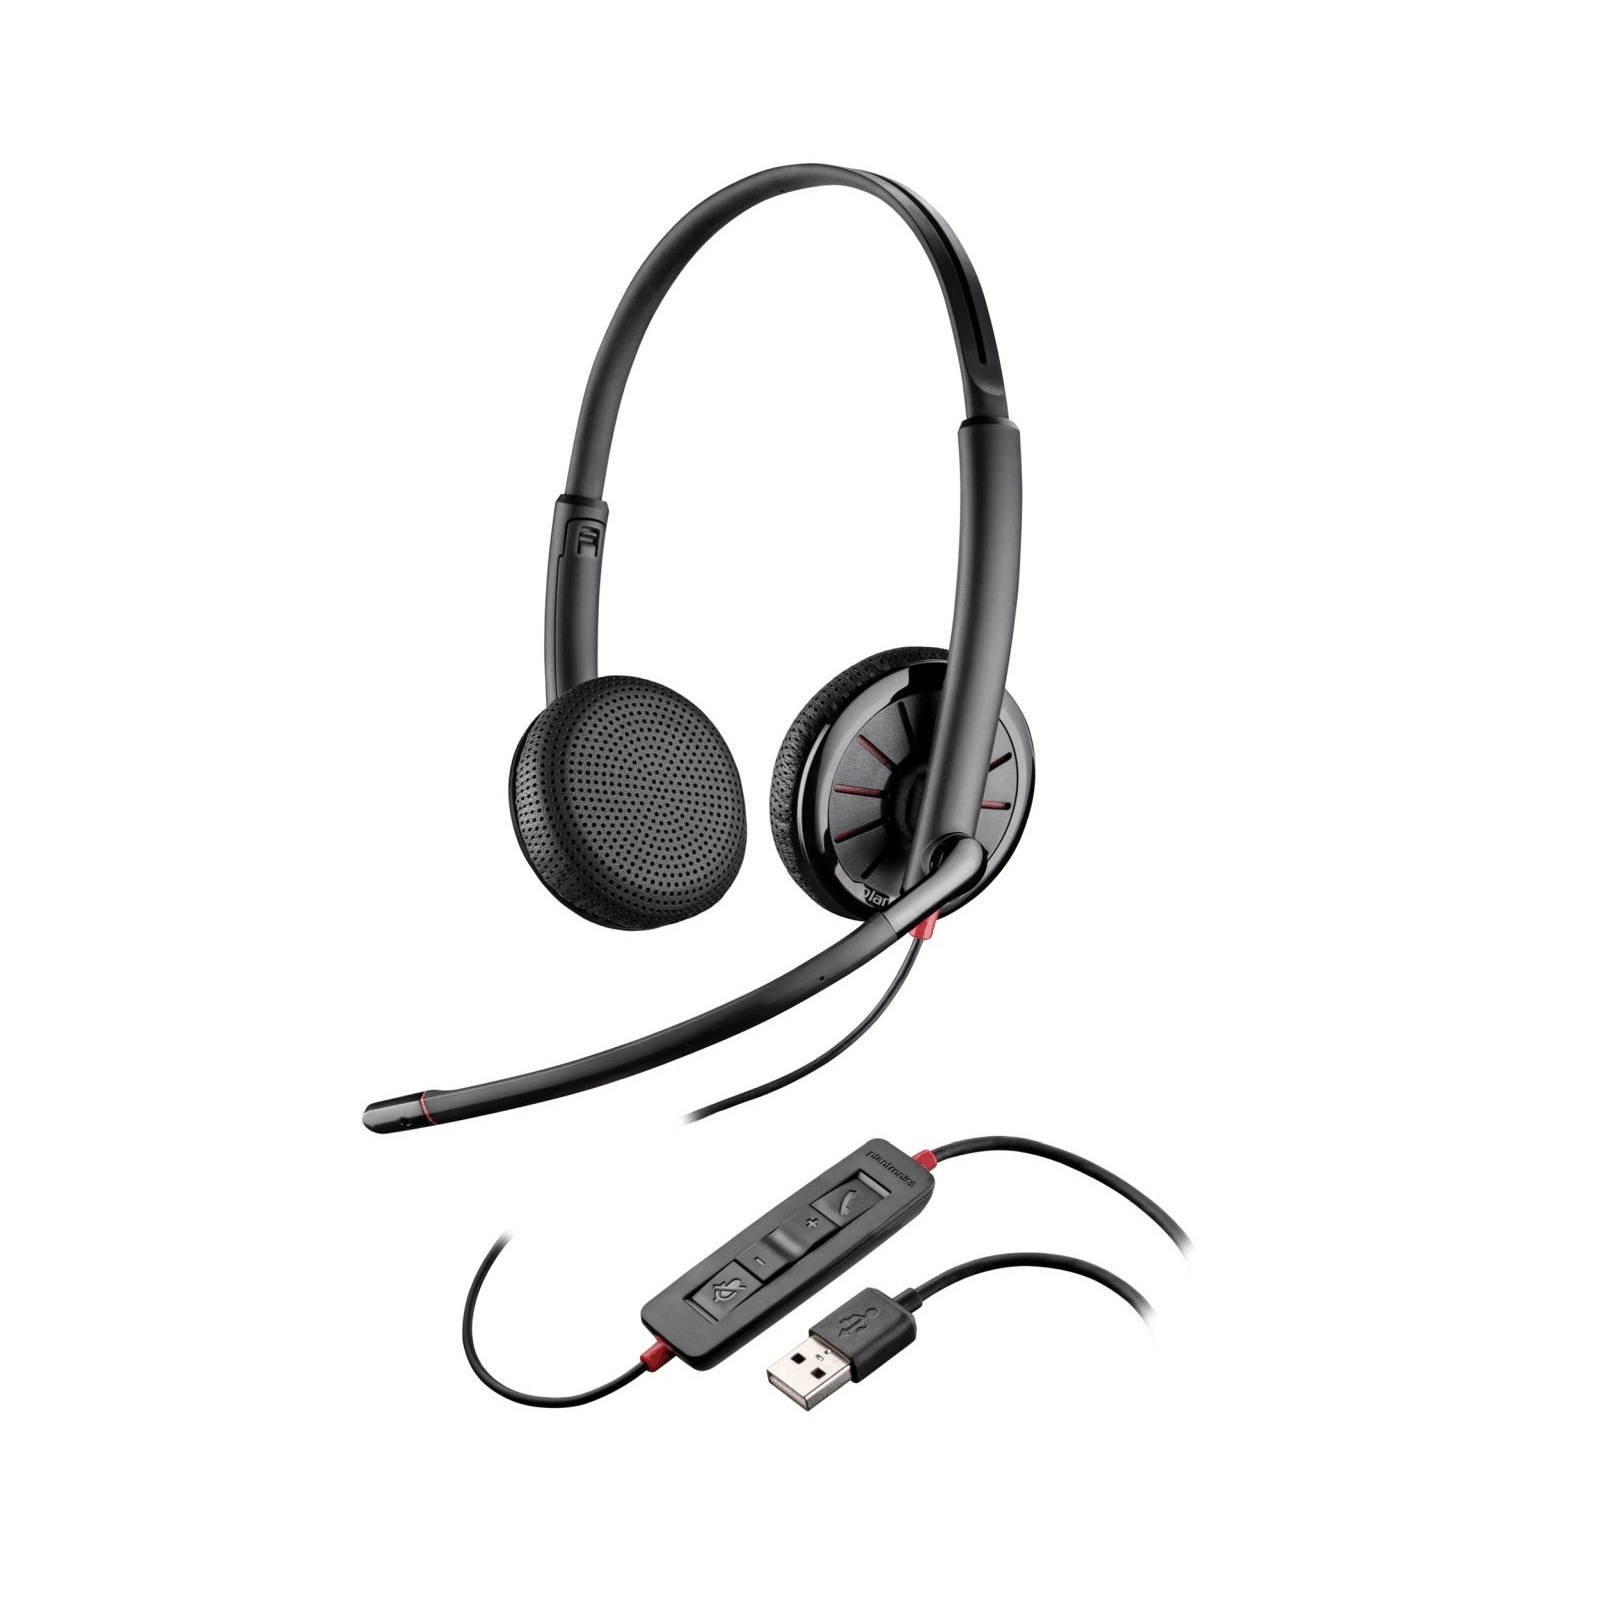 Plantronics C325-M headphones